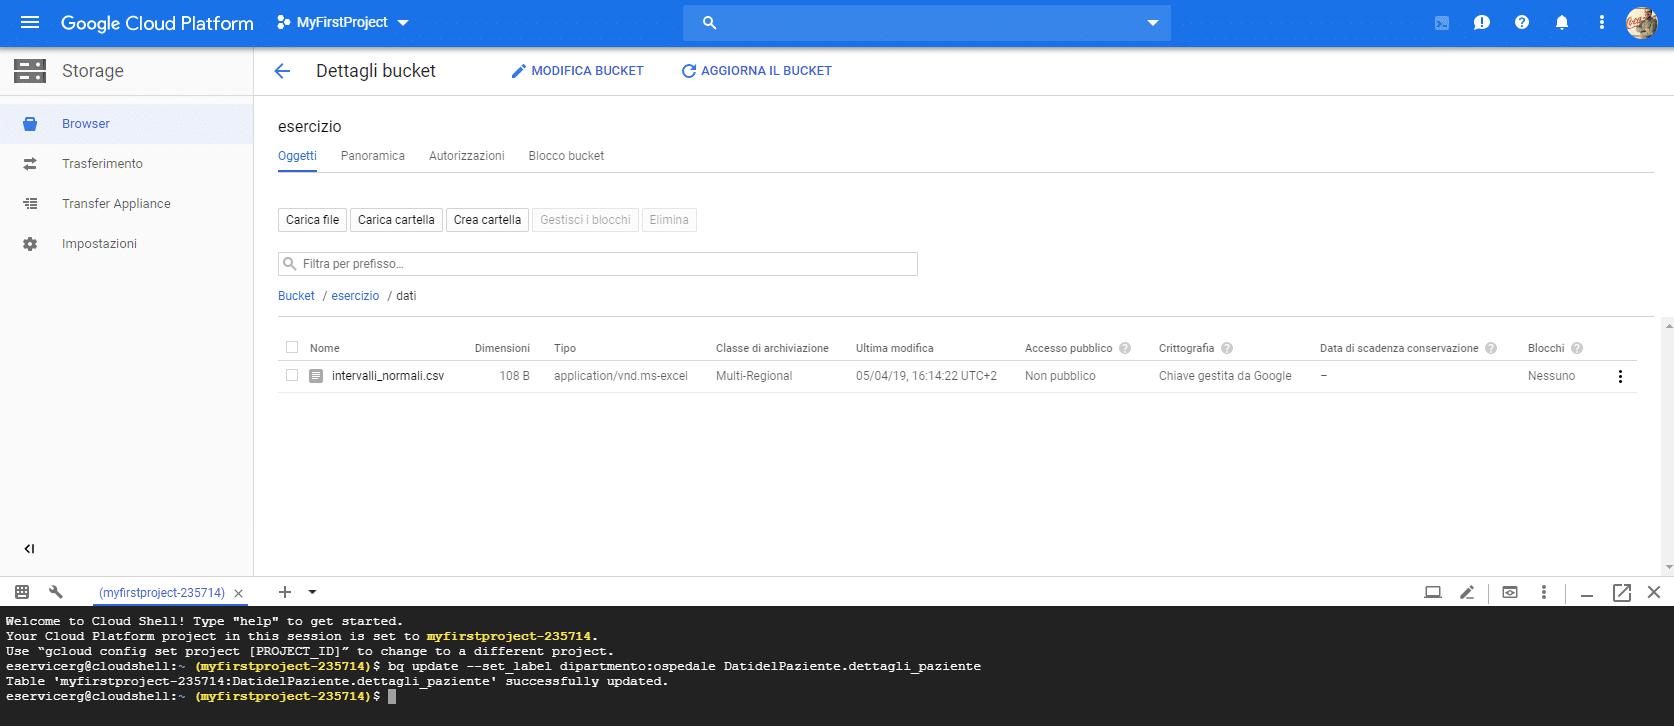 Le etichette, labels, di Google BigQuery - e-Service